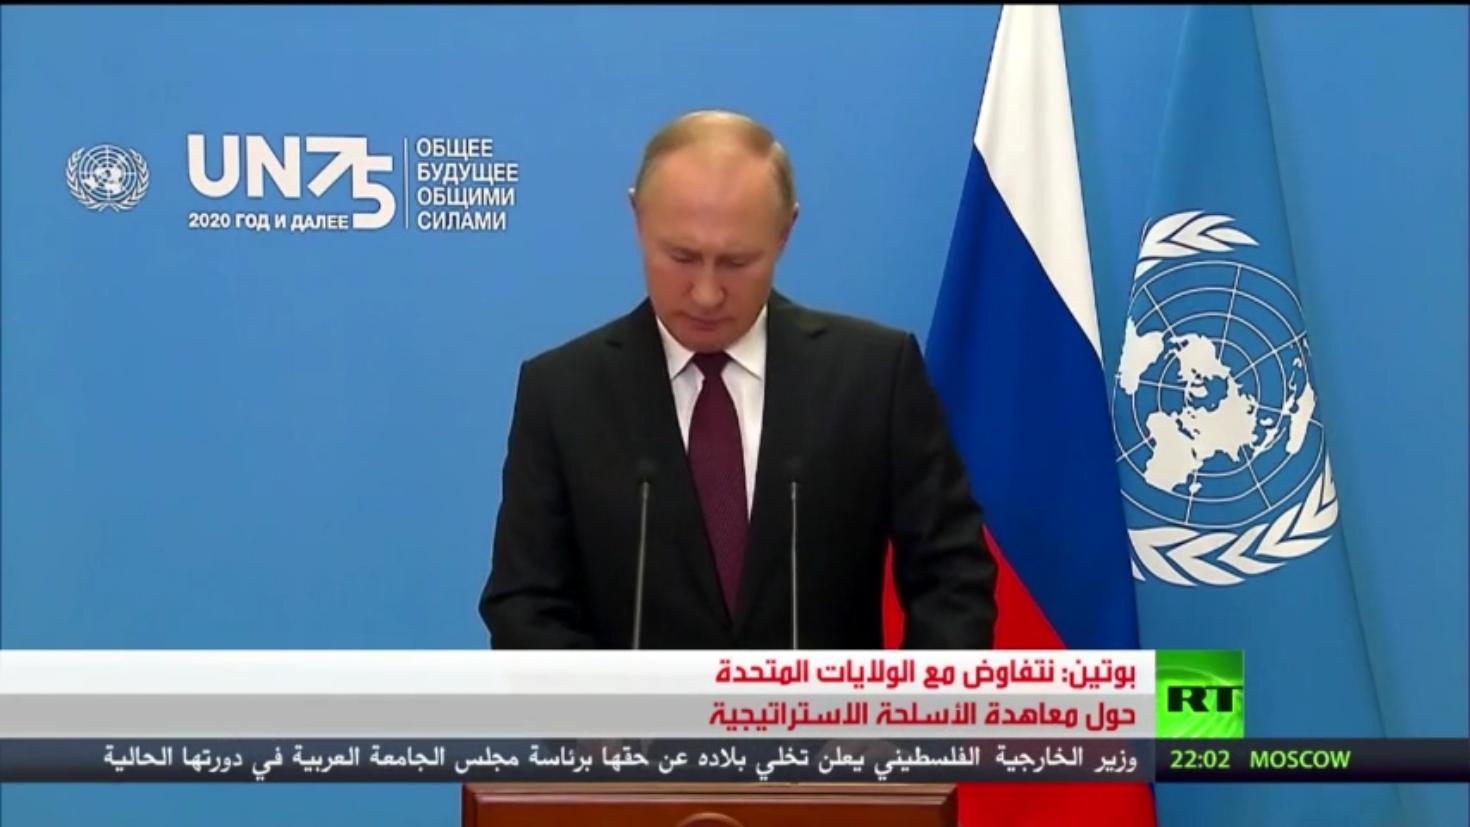 بوتين: يجب تمديد معاهدة الأسلحة في أقرب وقت